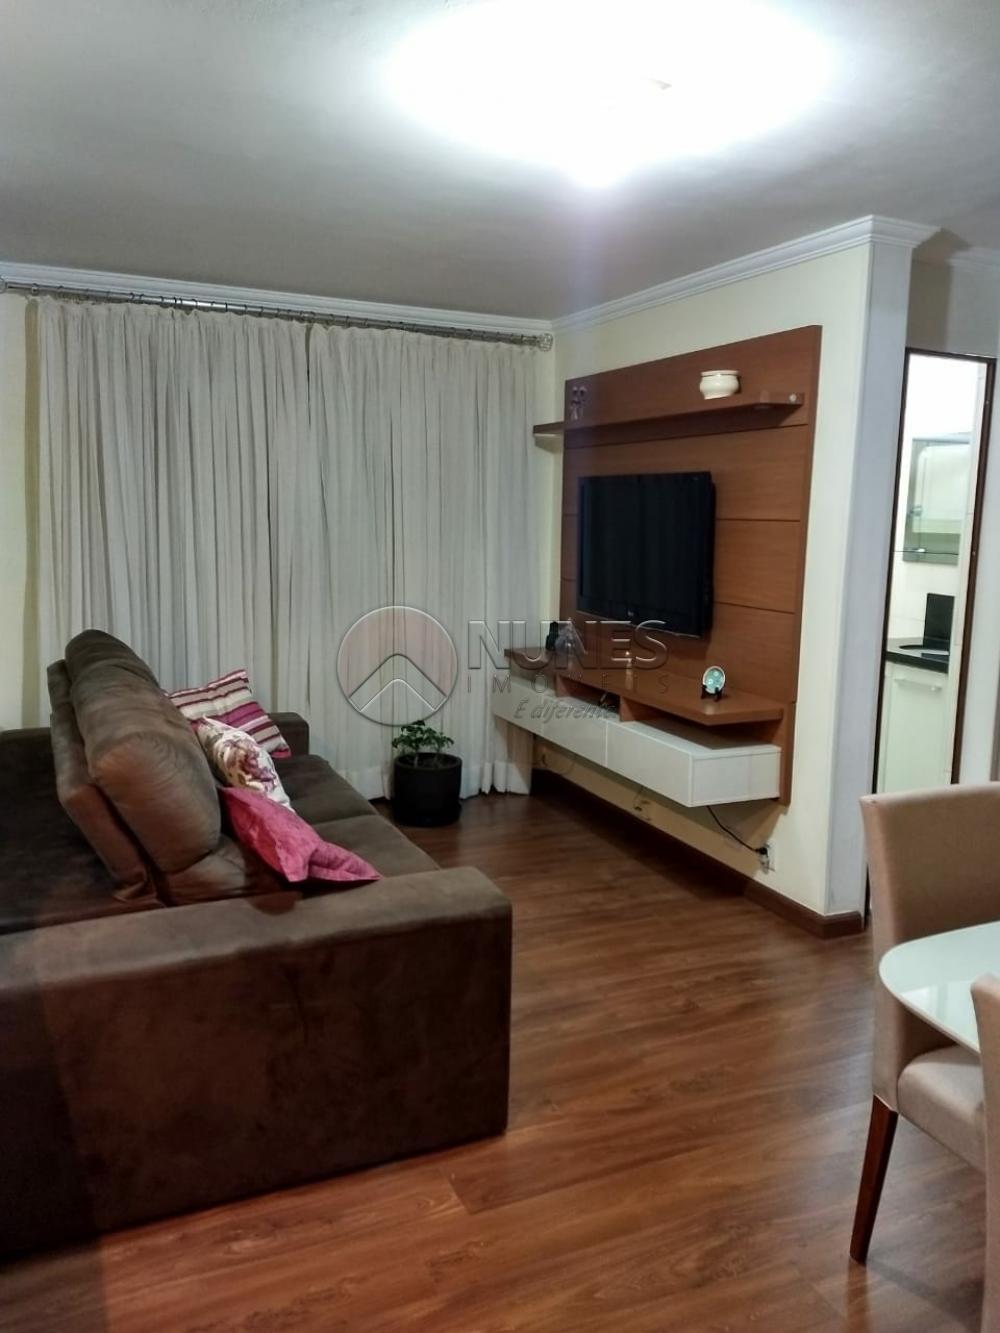 Comprar Apartamento / Padrão em Osasco apenas R$ 234.000,00 - Foto 6